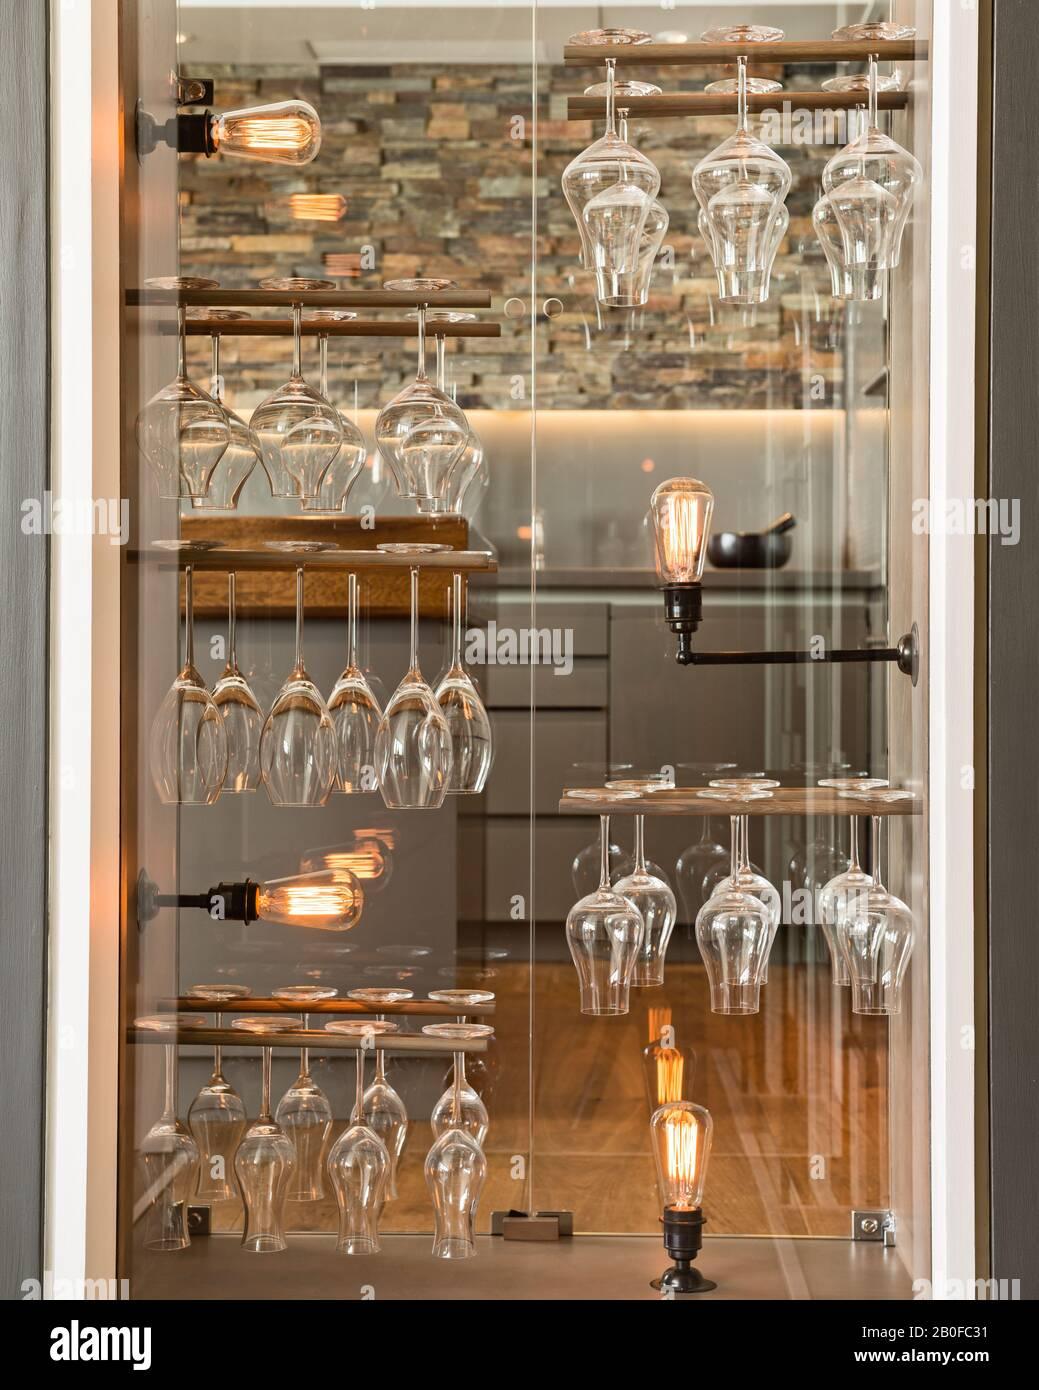 Rangement de la pince à vin rouge avec ampoules à filament dans une armoire de portes réutilisée. Banque D'Images